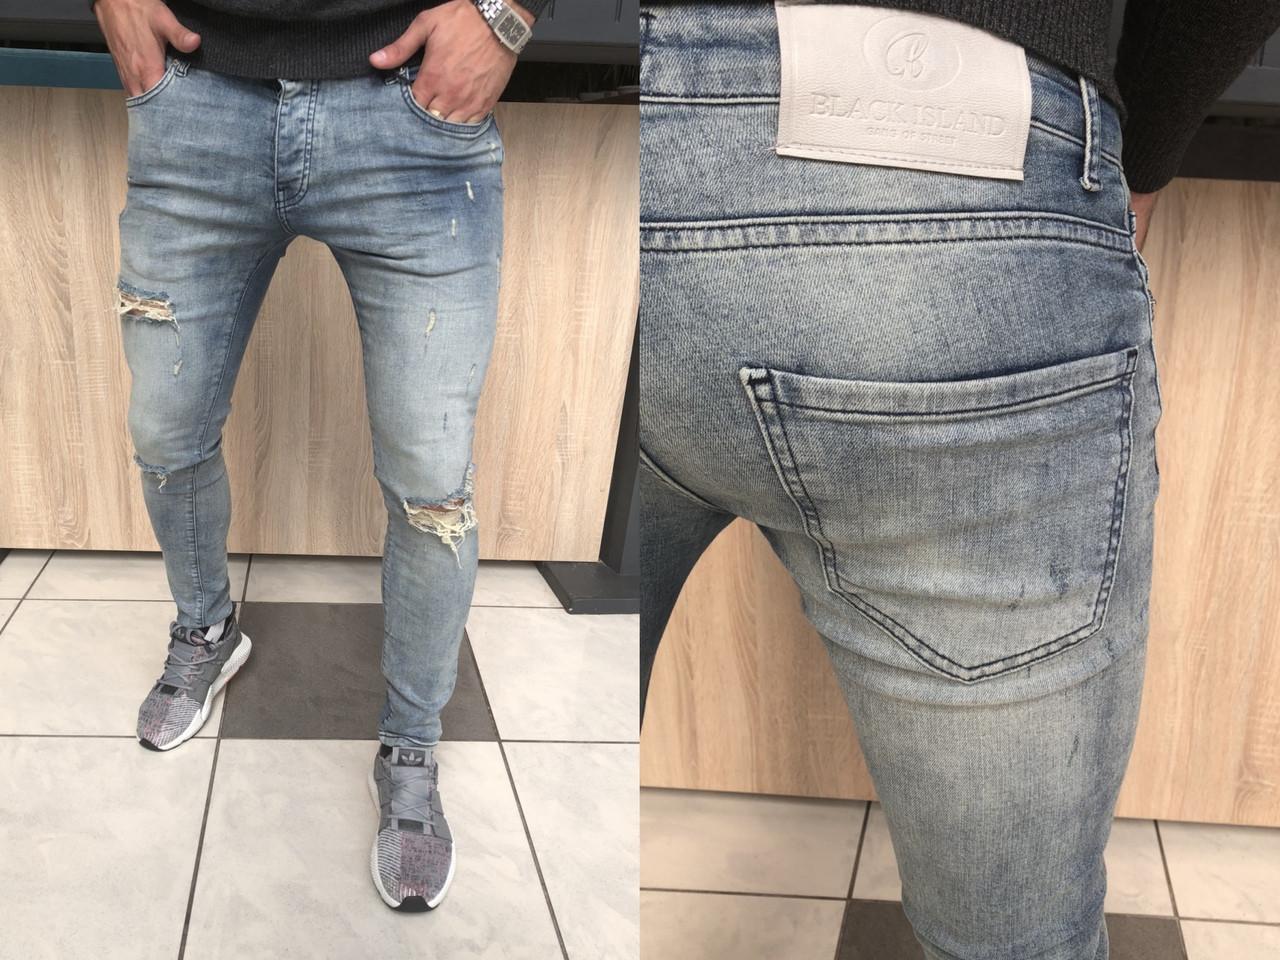 Мужские джинсы  2018 Прекрасное лекало и посадка оригинал Размеры:  29, 31, 33